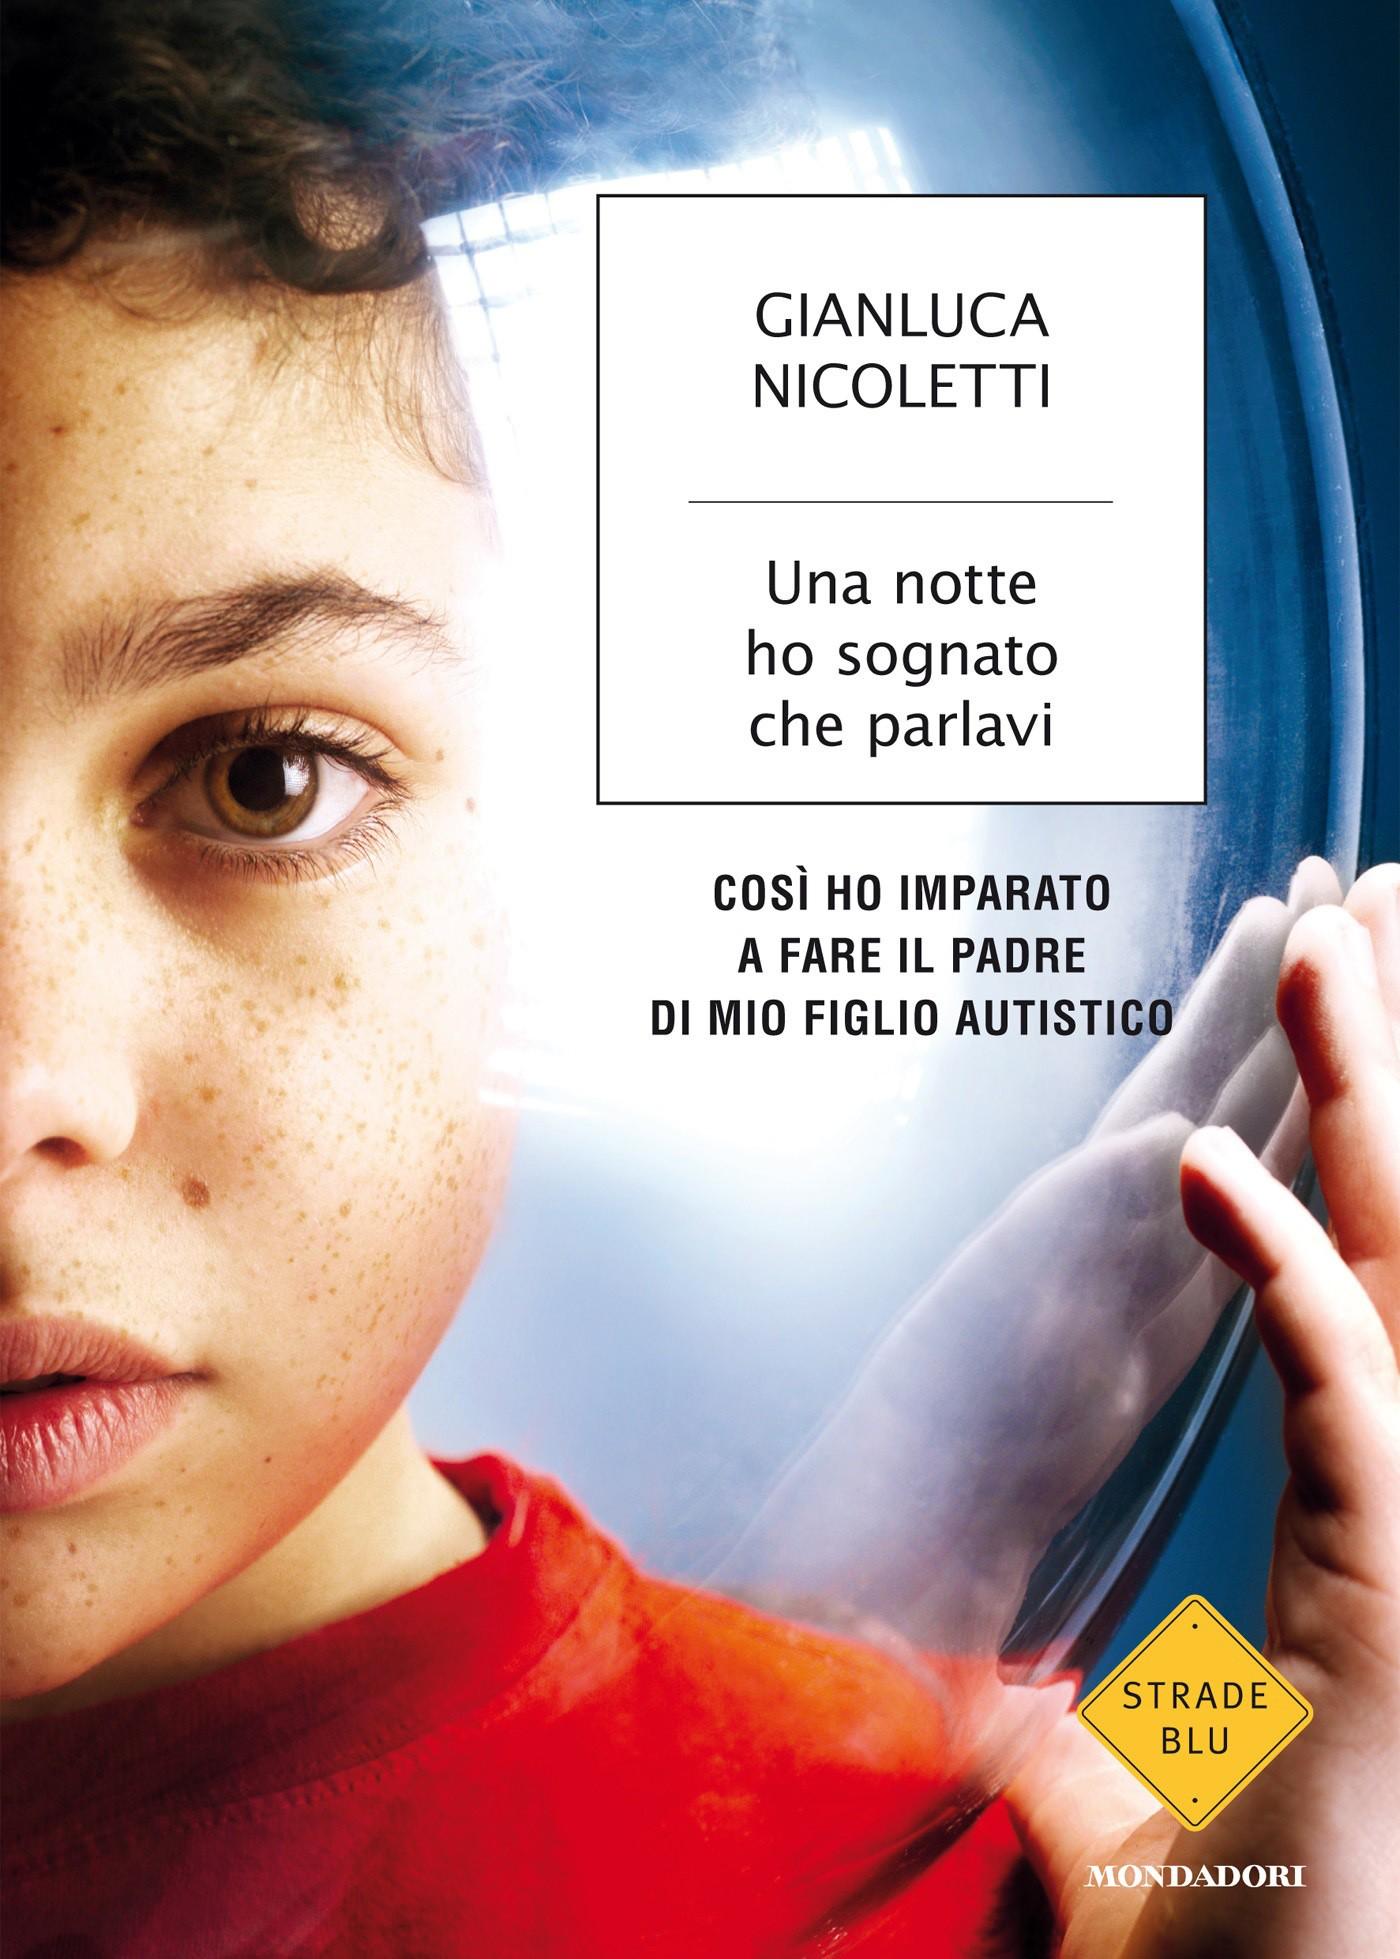 Gianluca Nicoletti - Una notte ho sognato che parlavi